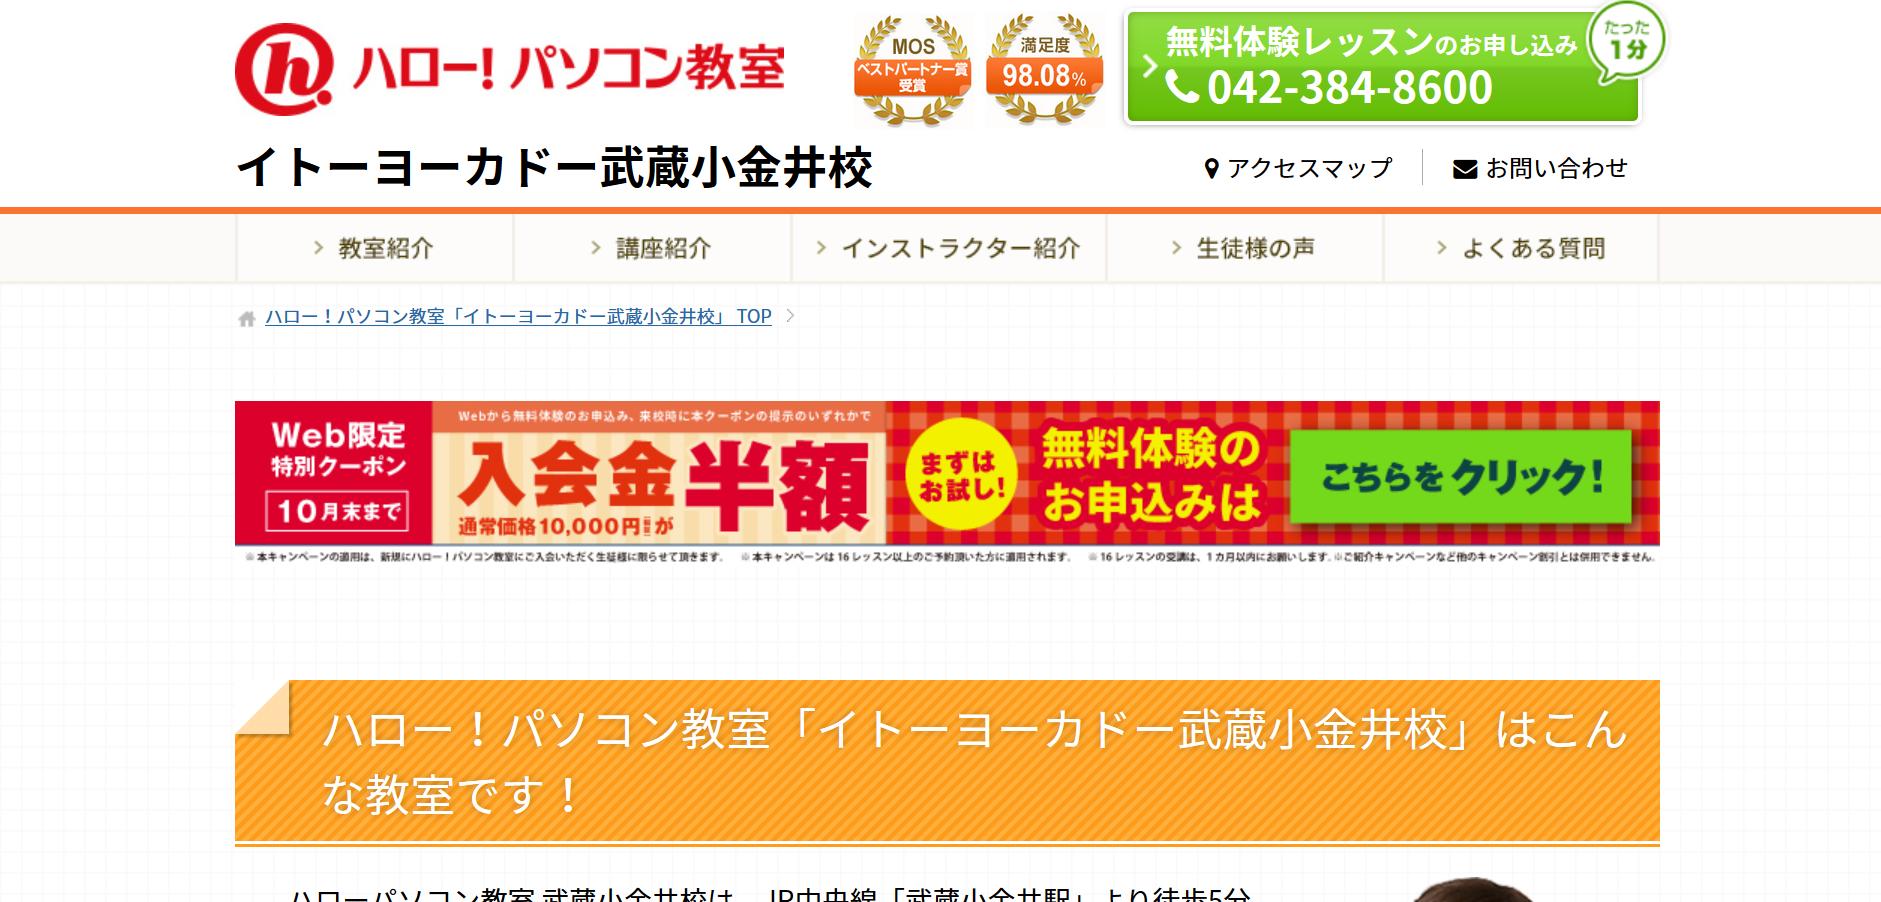 ハロー!パソコン教室 イトーヨーカドー武蔵小金井校の評判・口コミ